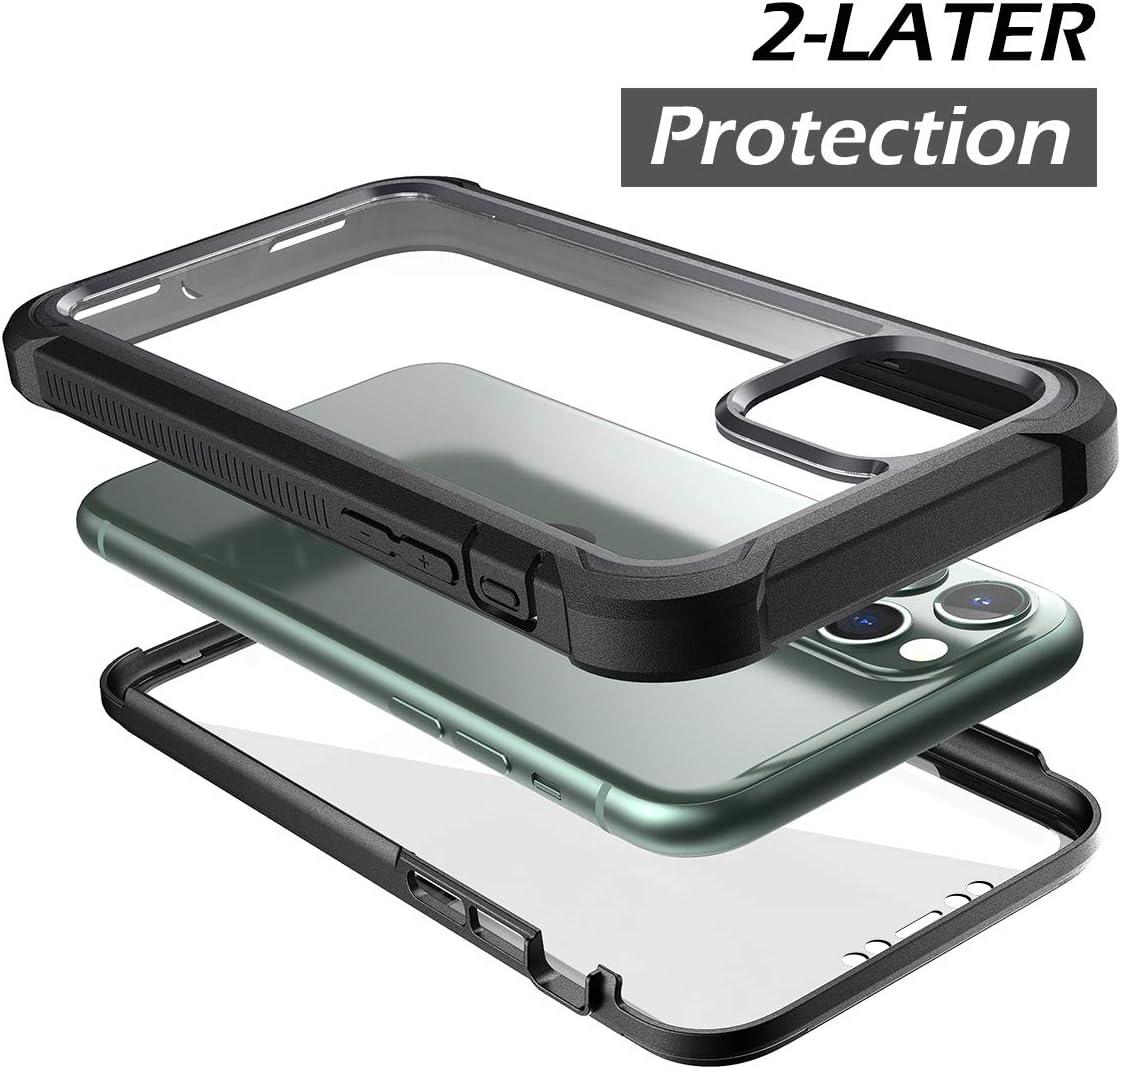 Coque pour iPhone 11 protecteur d'écran intégré protection intégrale à 360 degrés coque de protection transparente résistante aux